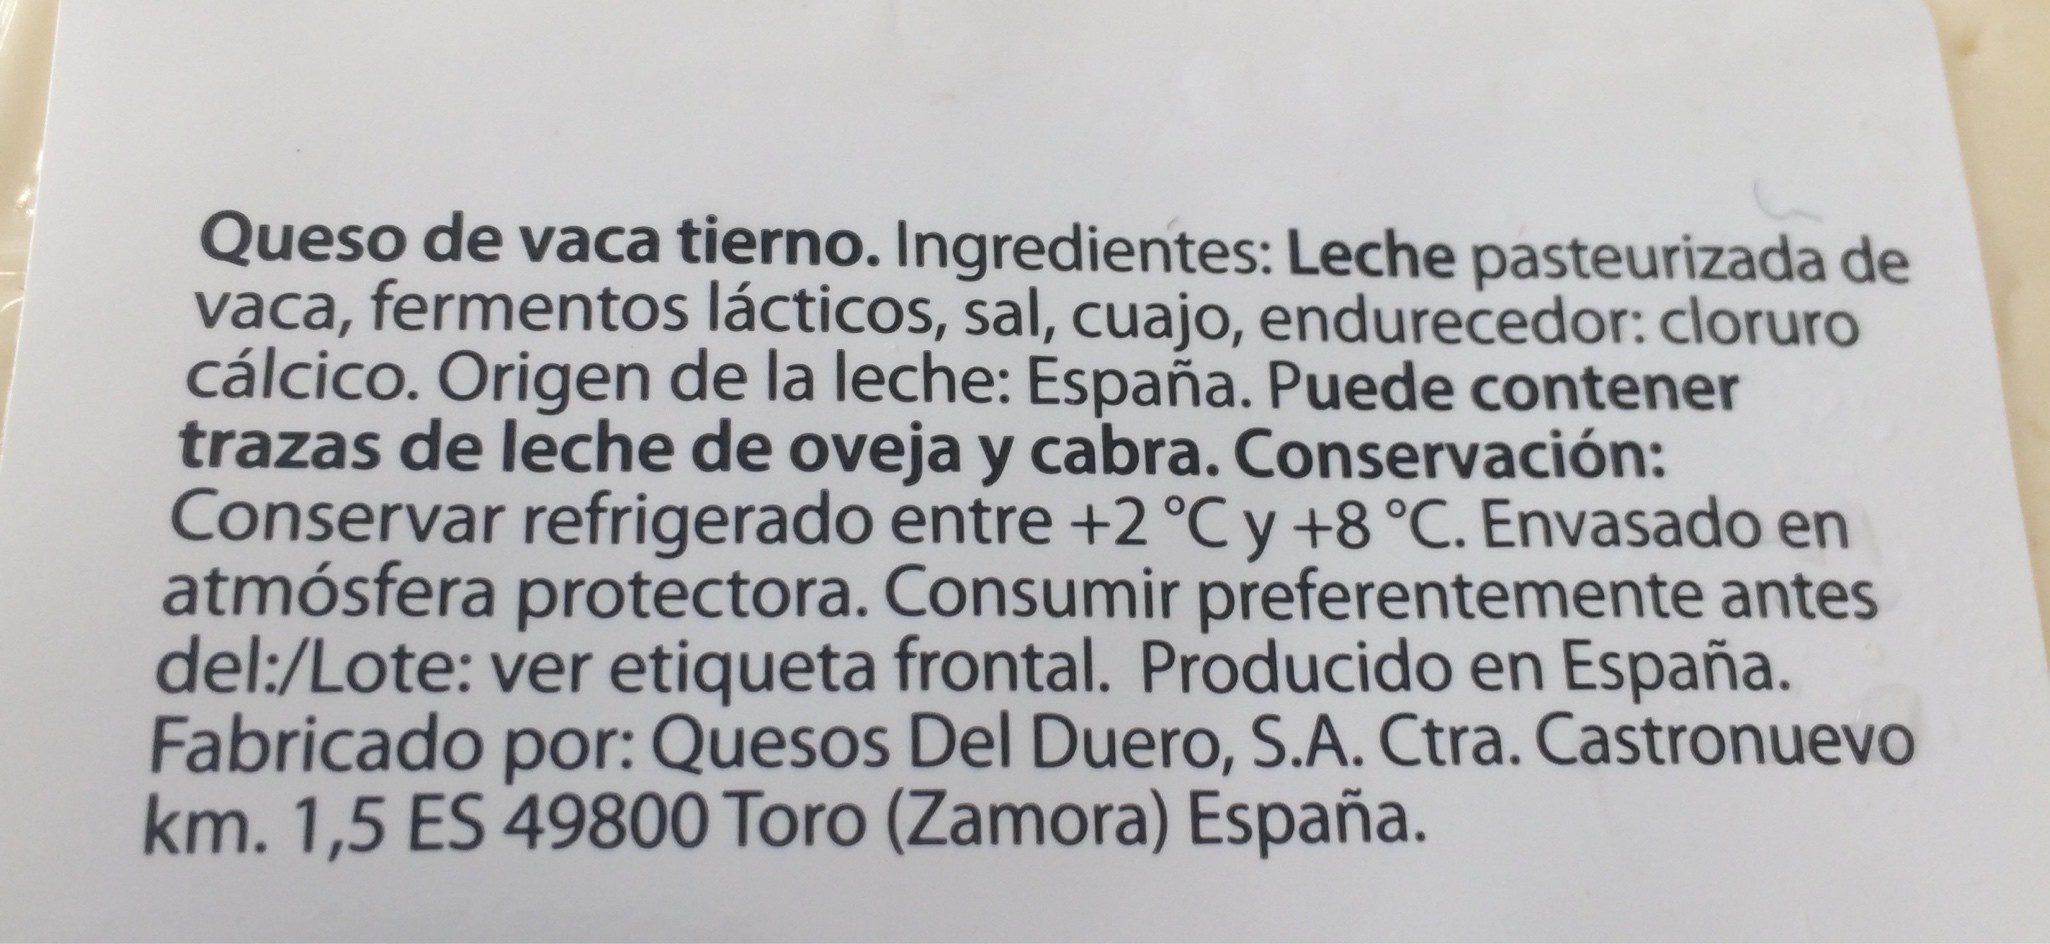 Vaca tierno - Ingrédients - fr